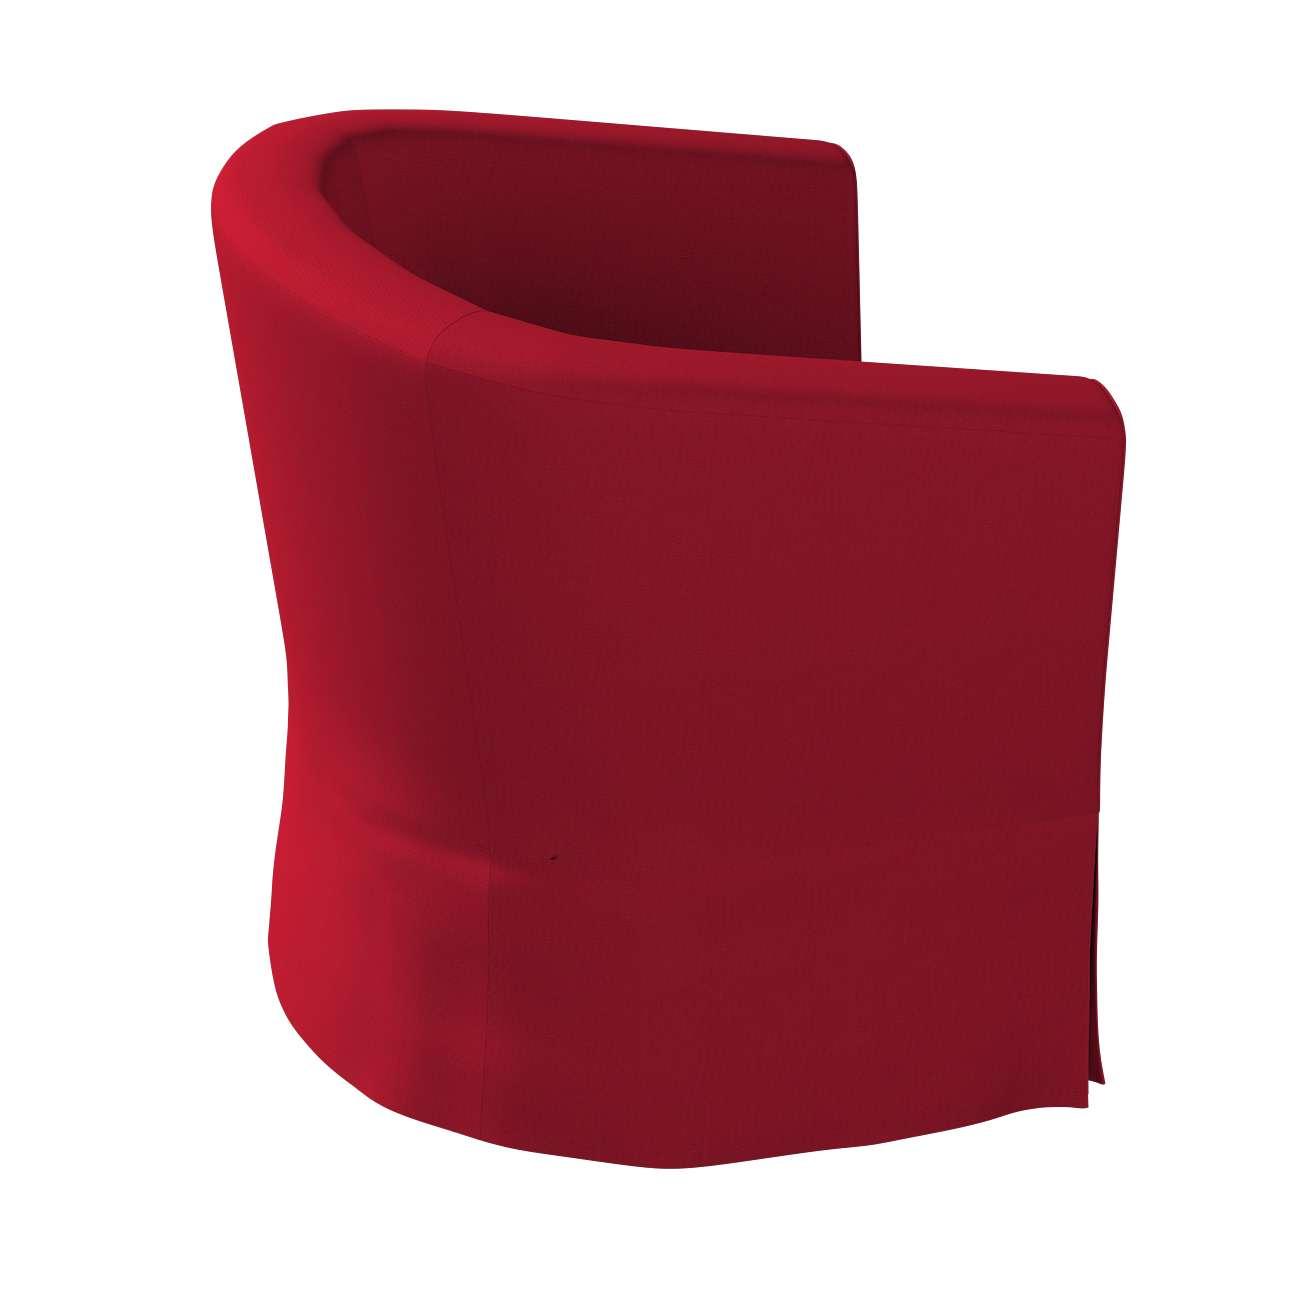 Pokrowiec na fotel Ektorp Tullsta w kolekcji Etna, tkanina: 705-60